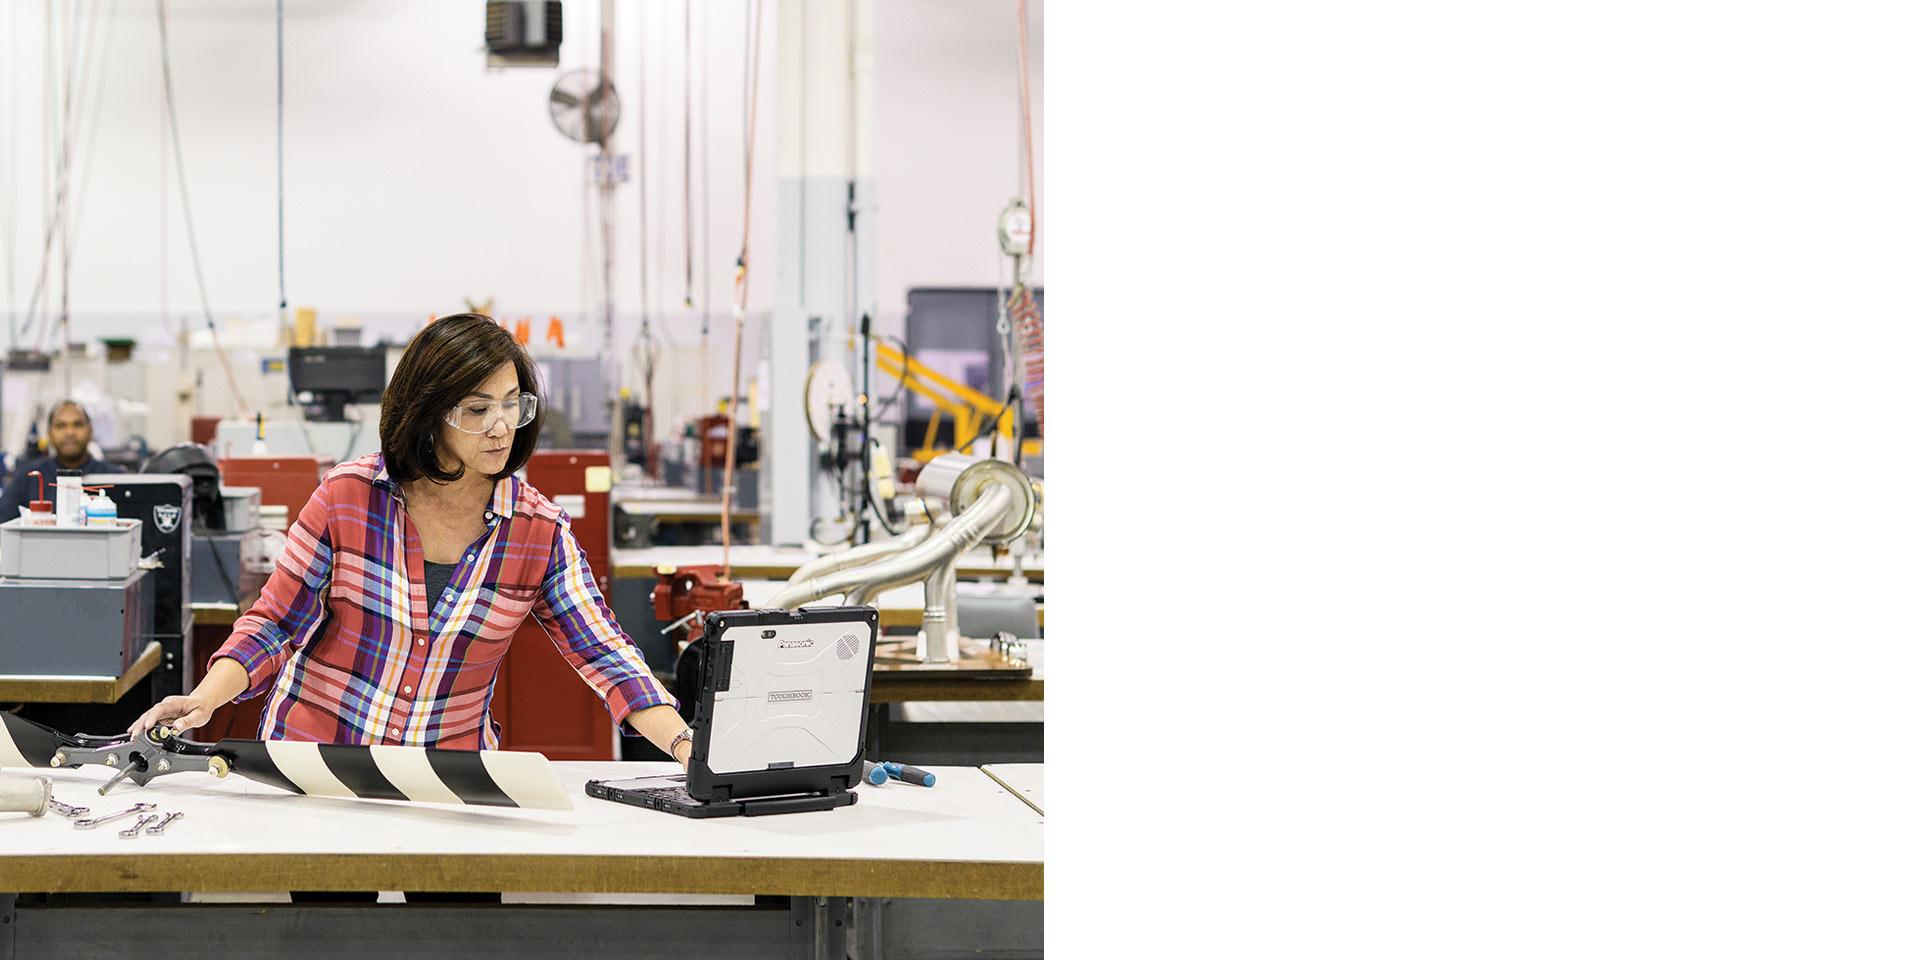 Une femme qui utilise un ordinateur portable dans une usine